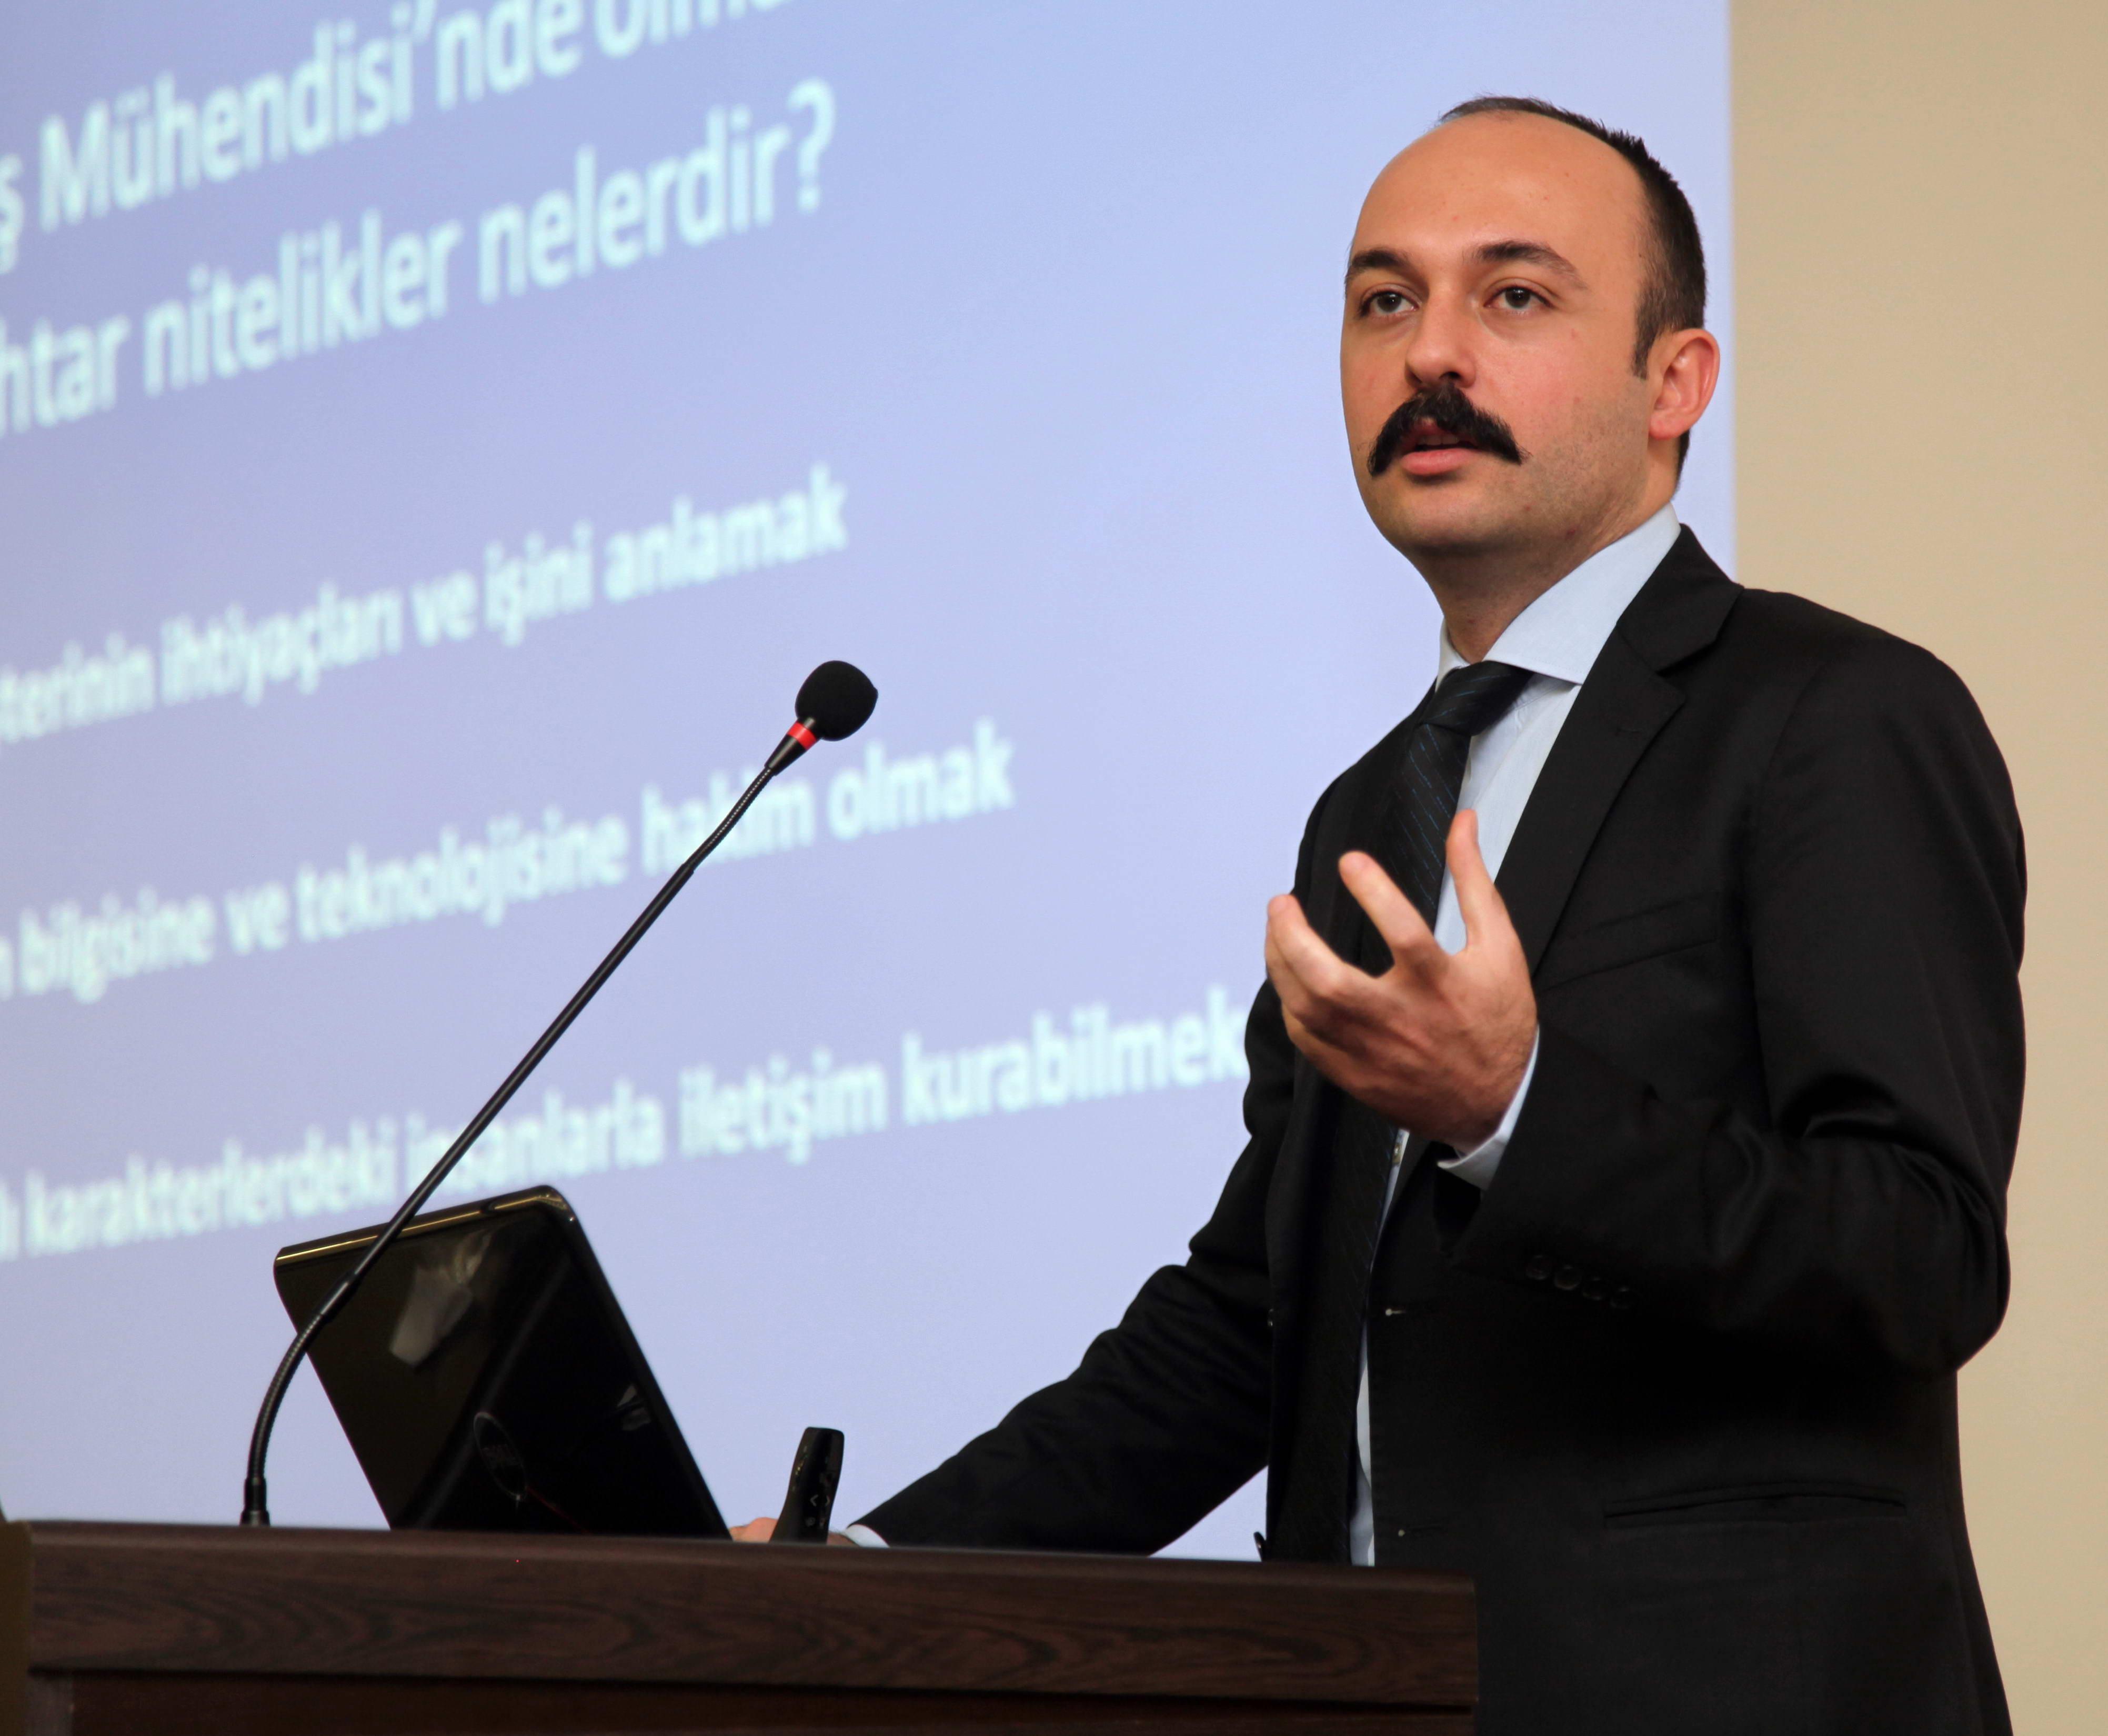 Gaziantep Üniversitesinde Sektör Günleri -  (Sercan Çakaroğlu)